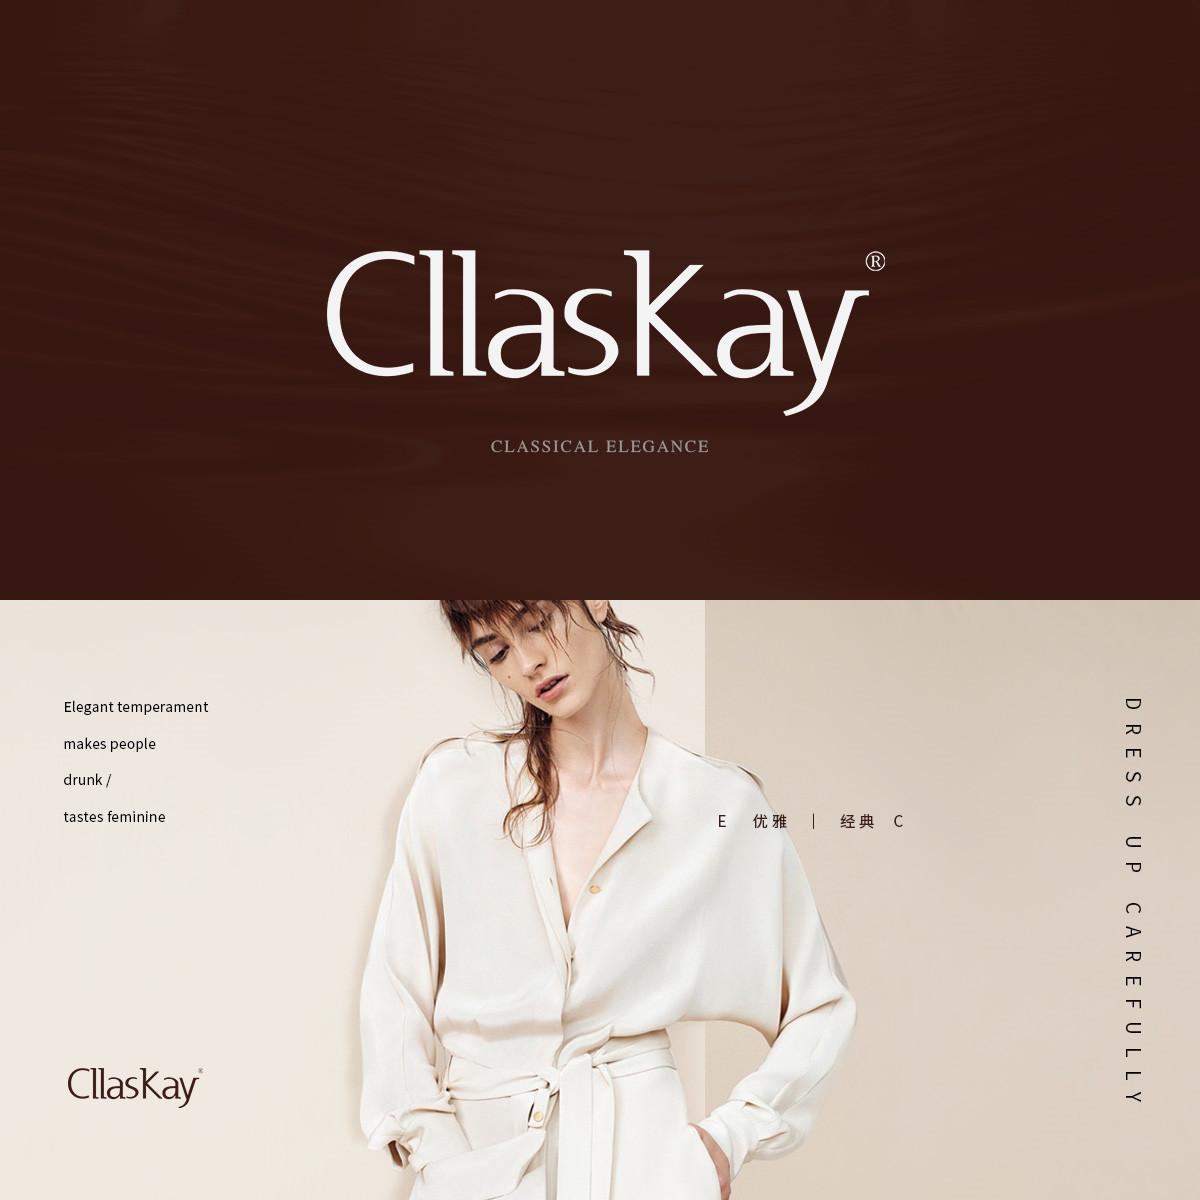 CLLASKAY